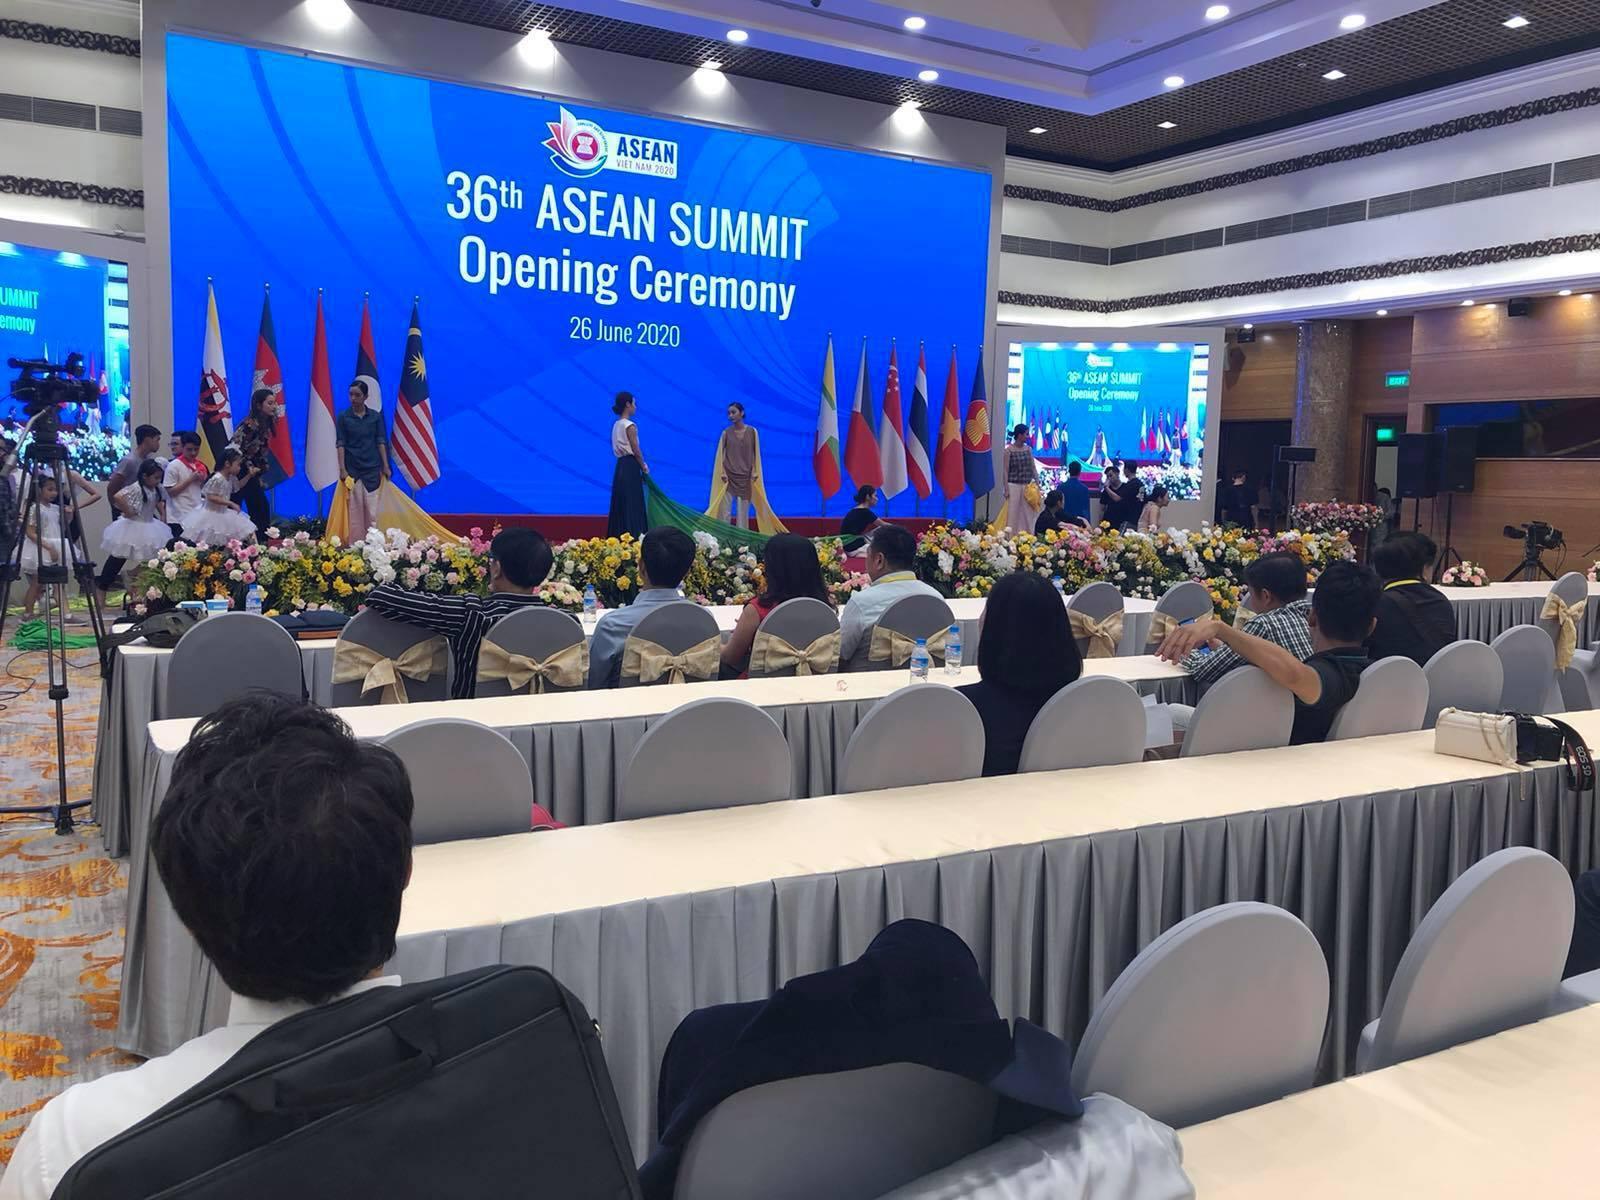 Hơn 200 phóng viên trong và ngoài nước tác nghiệp hội nghị cấp cao ASEAN